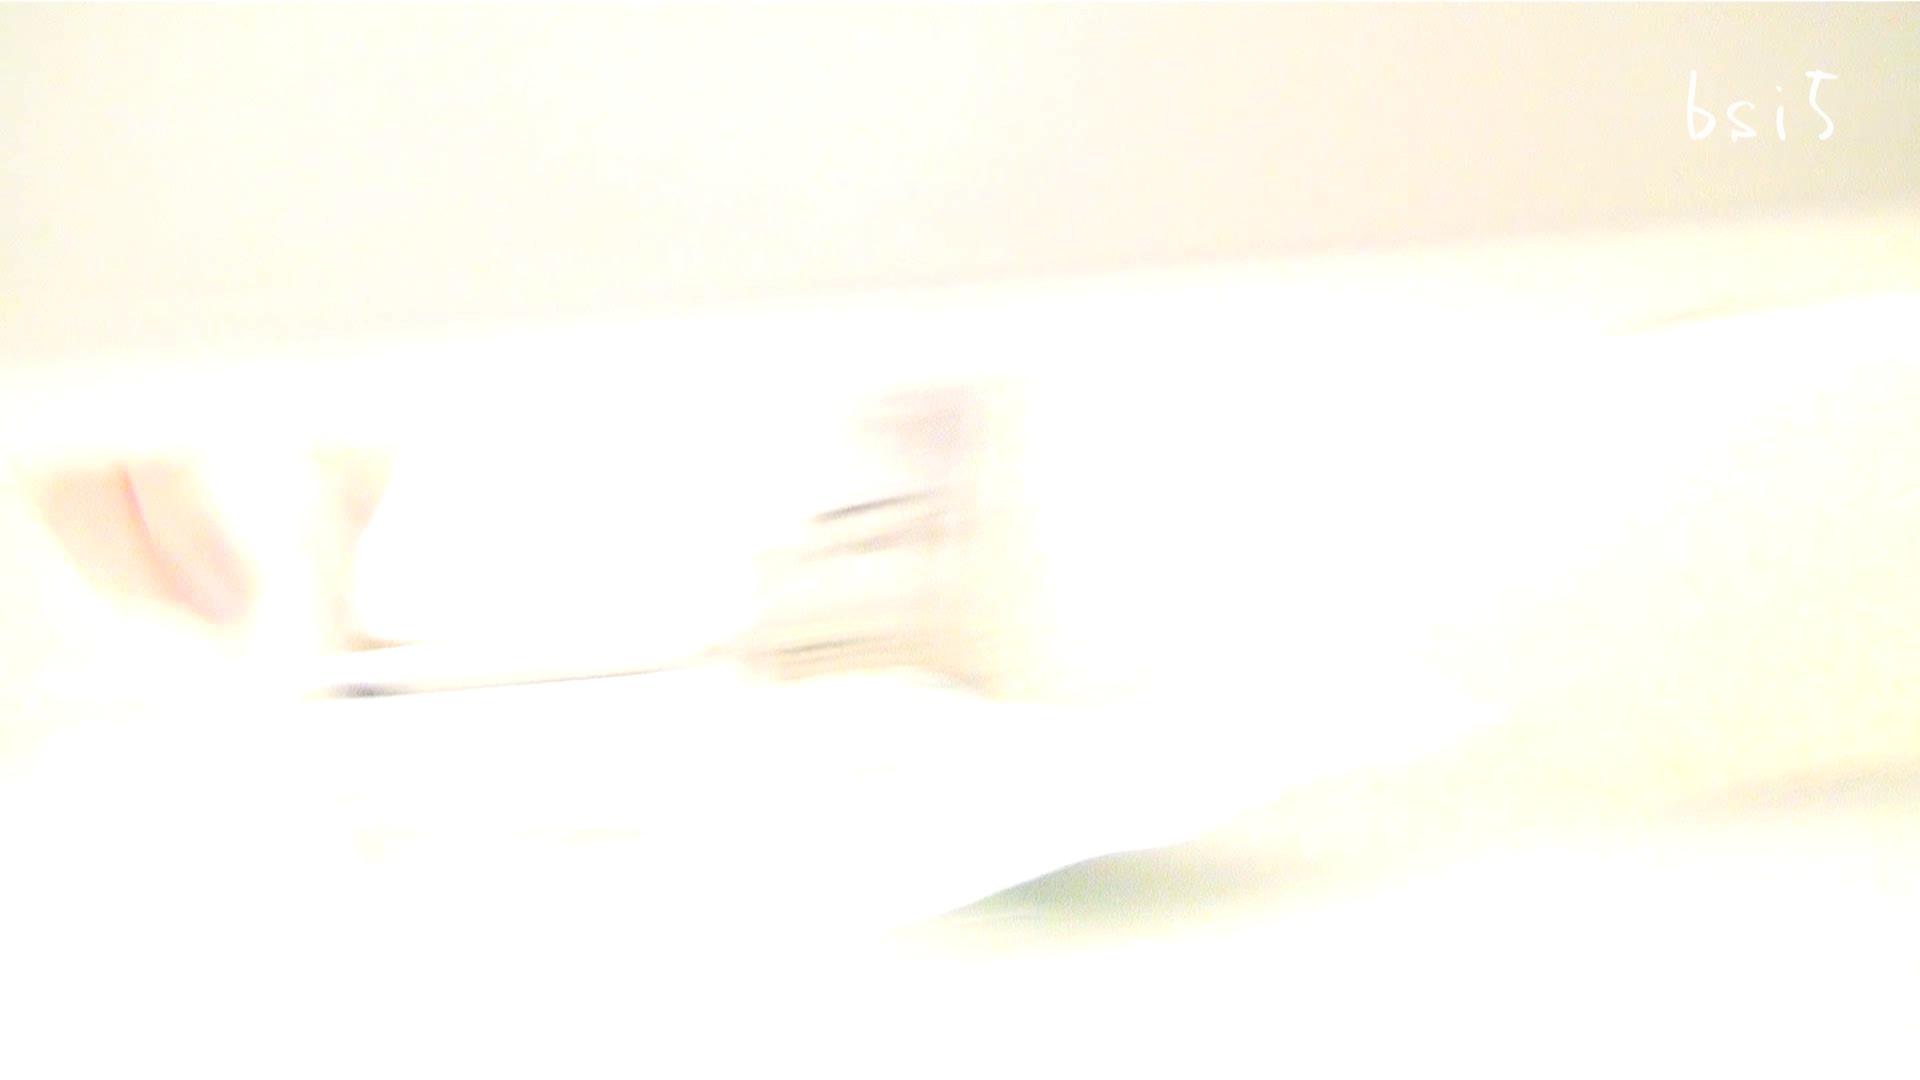 至高下半身盗撮-PREMIUM-【院内病棟編 】VOL5 盗撮エロすぎ | OL  95連発 35